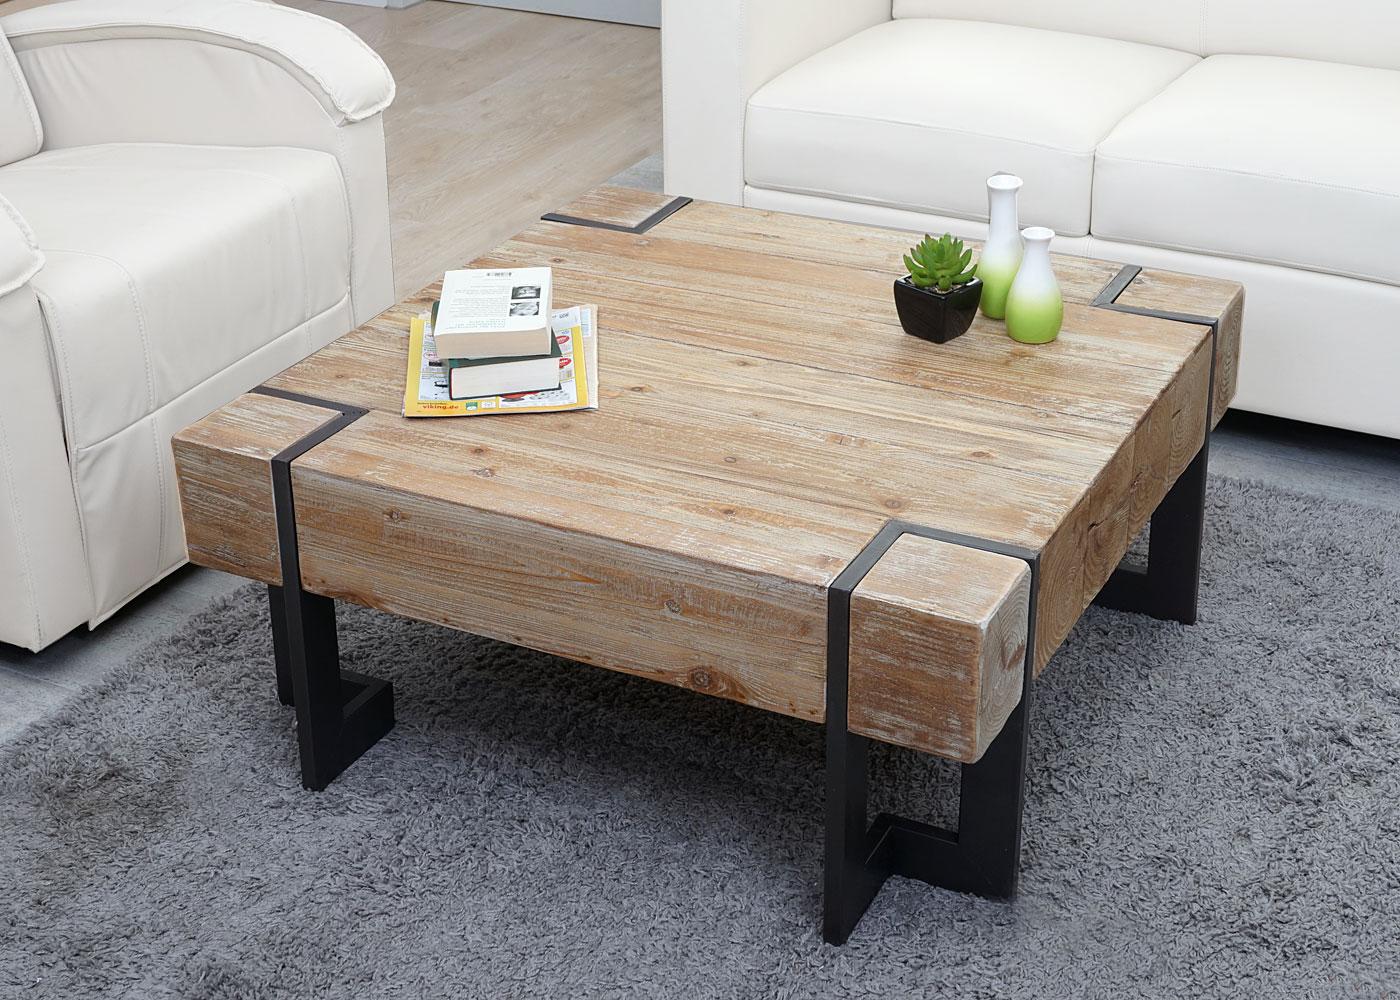 Couchtisch Hwc A15 Wohnzimmertisch Tanne Holz Rustikal Massiv